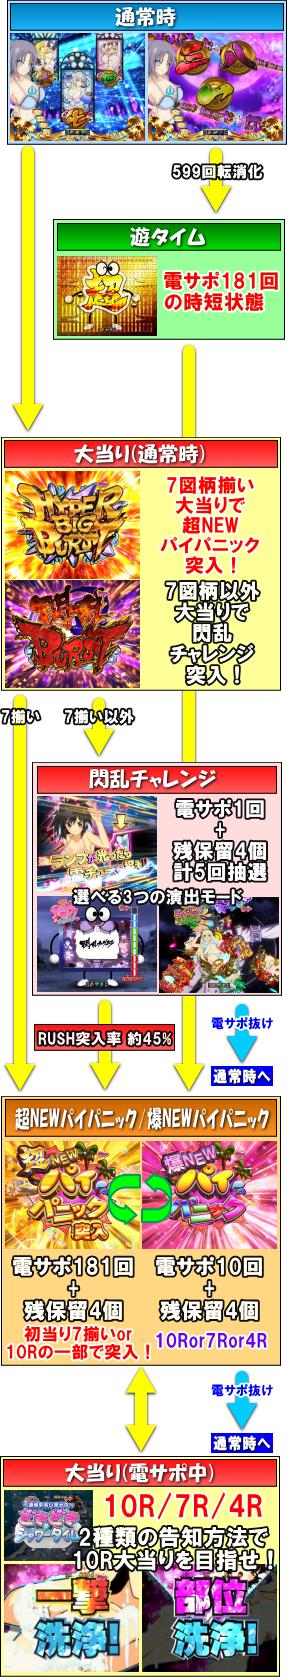 P閃乱カグラ2 胸躍る199Ver.のゲームフロー